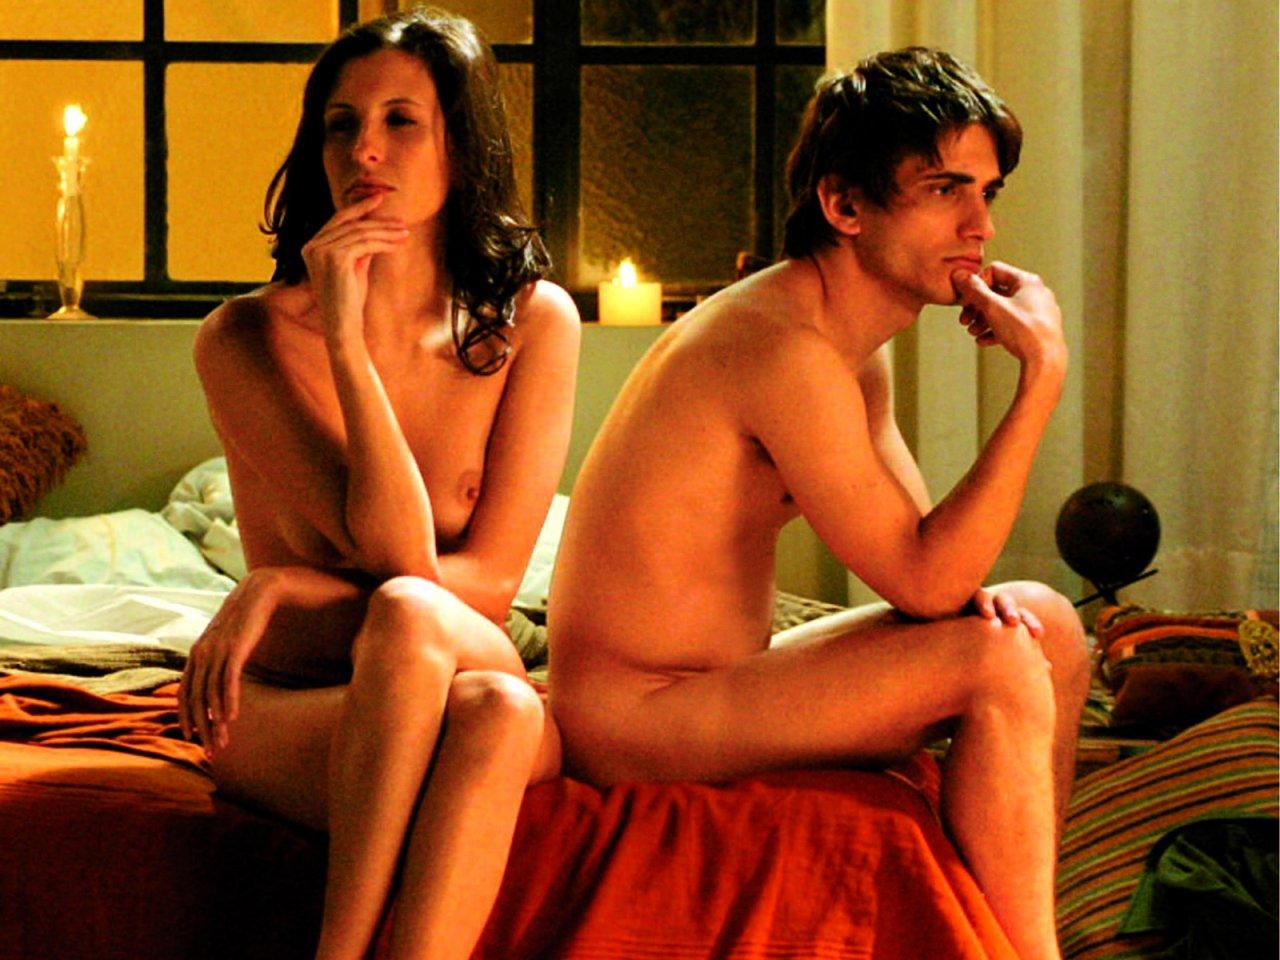 посмотреть онлайн фильмы эротика бесплатно без смс и регистрации